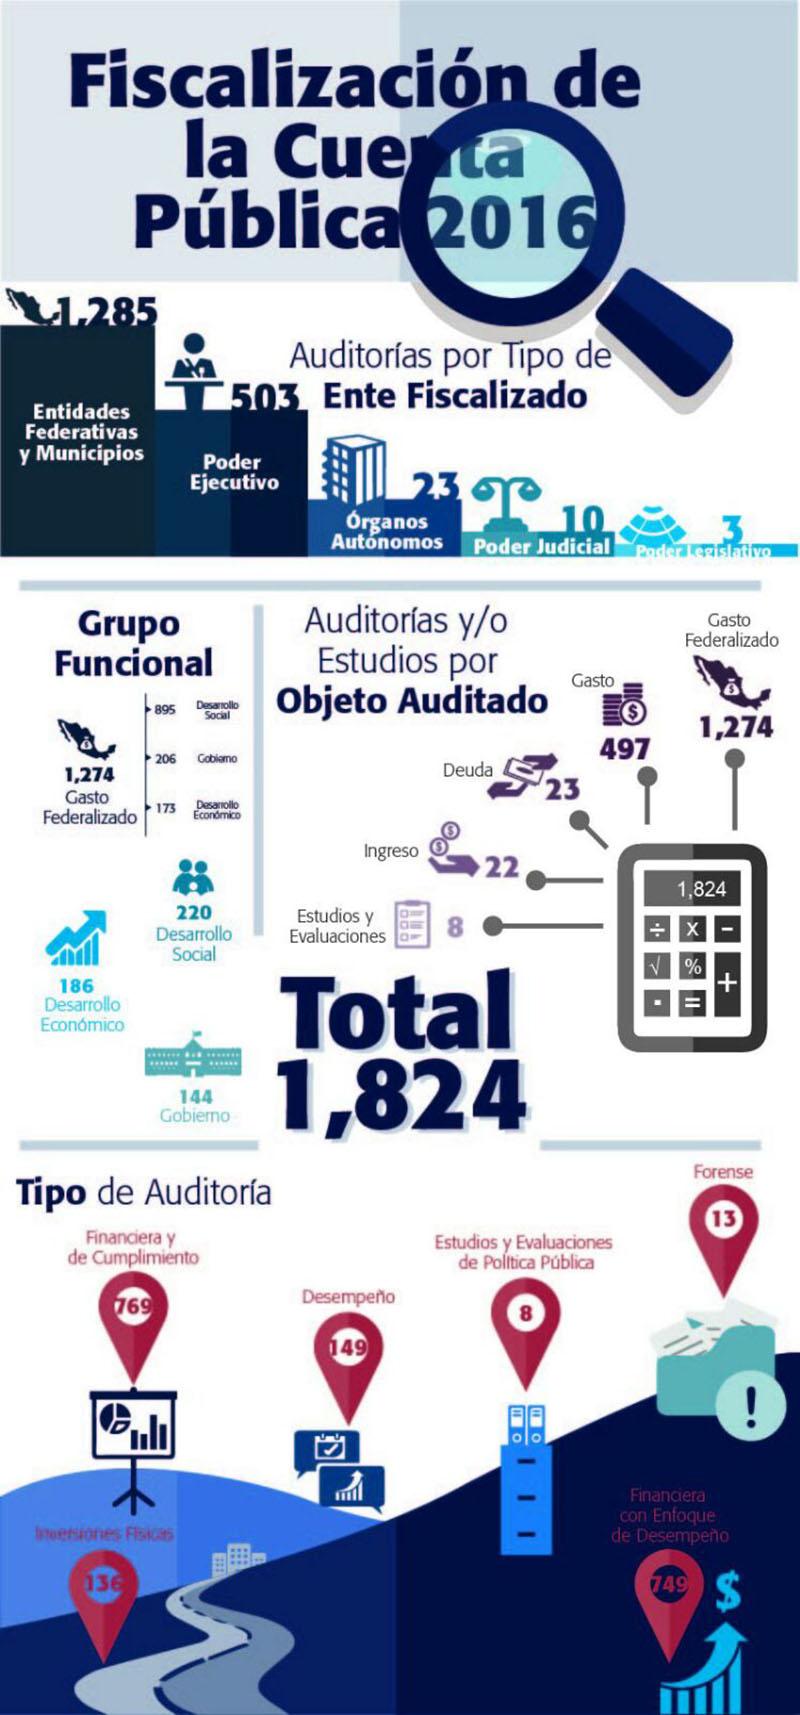 fiscalizacion de la cuenta publica 2016-